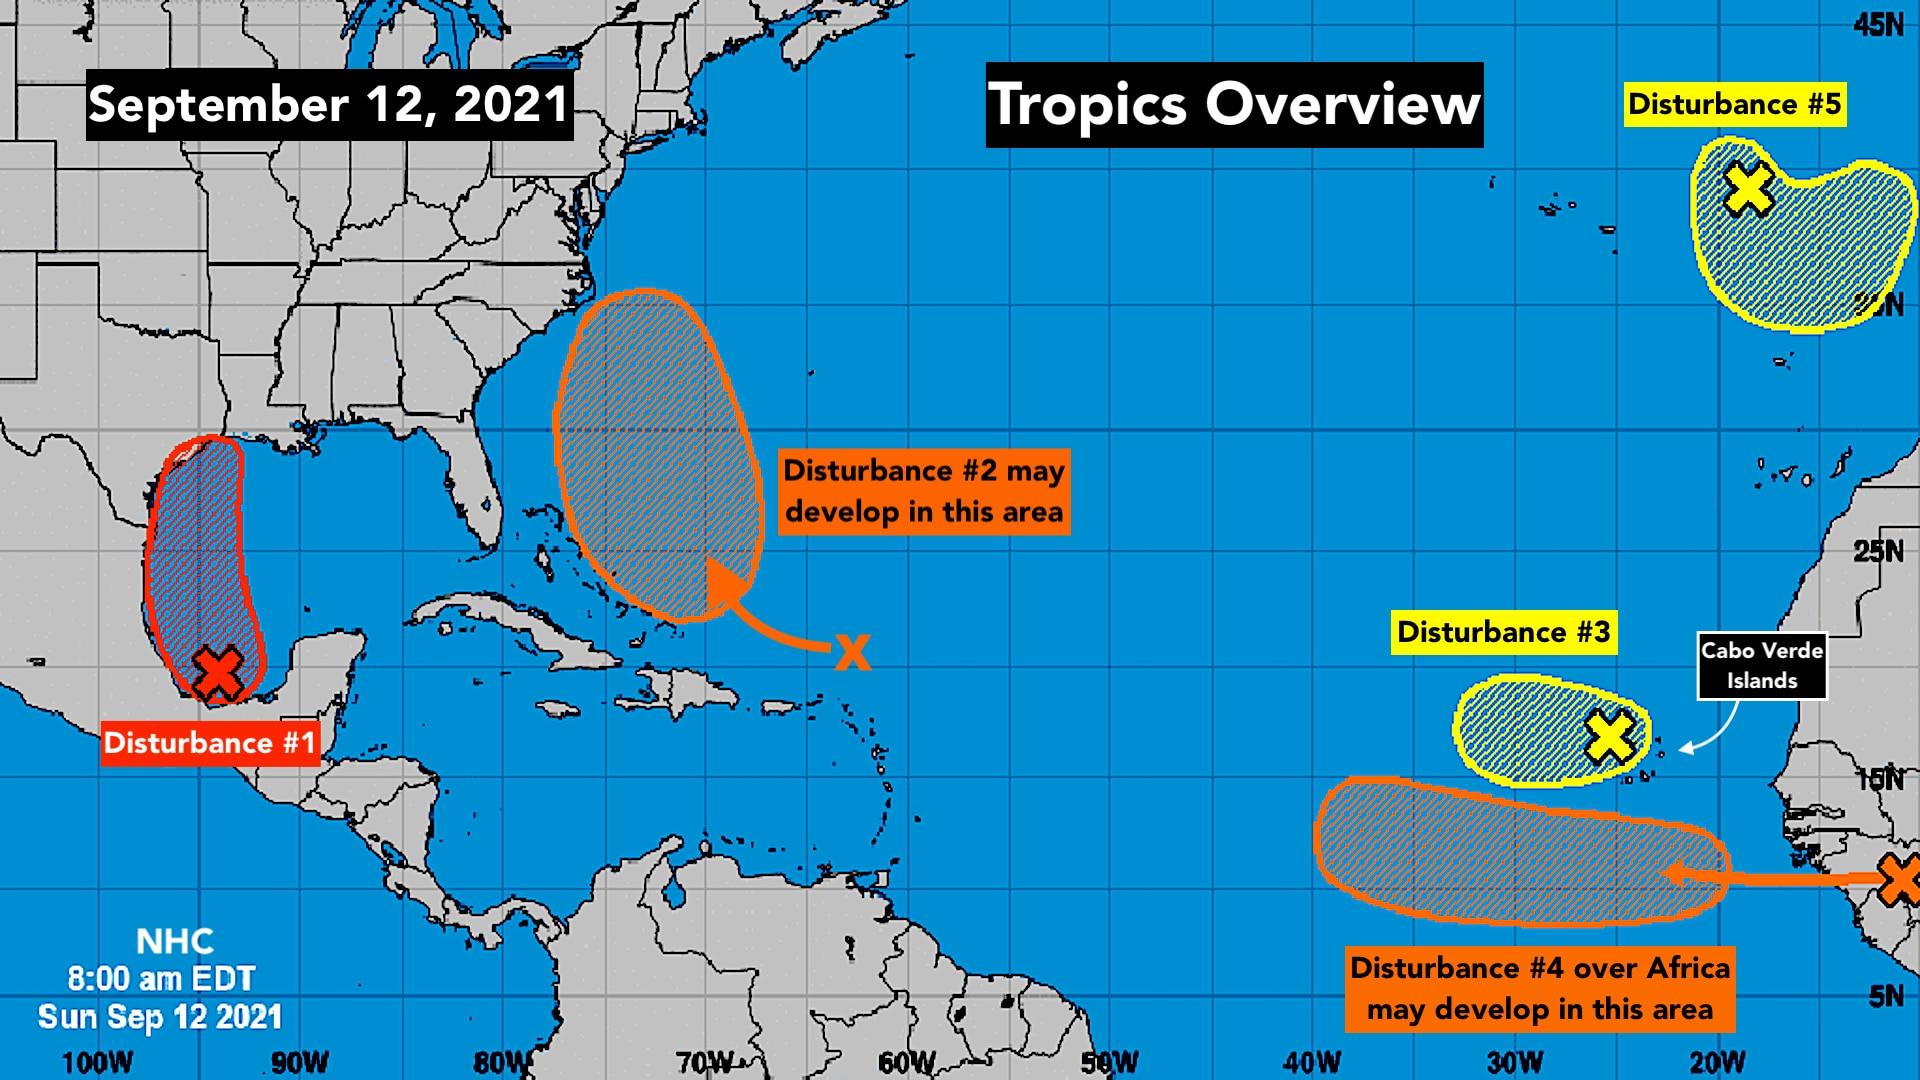 Atlantic tropics overview graphic